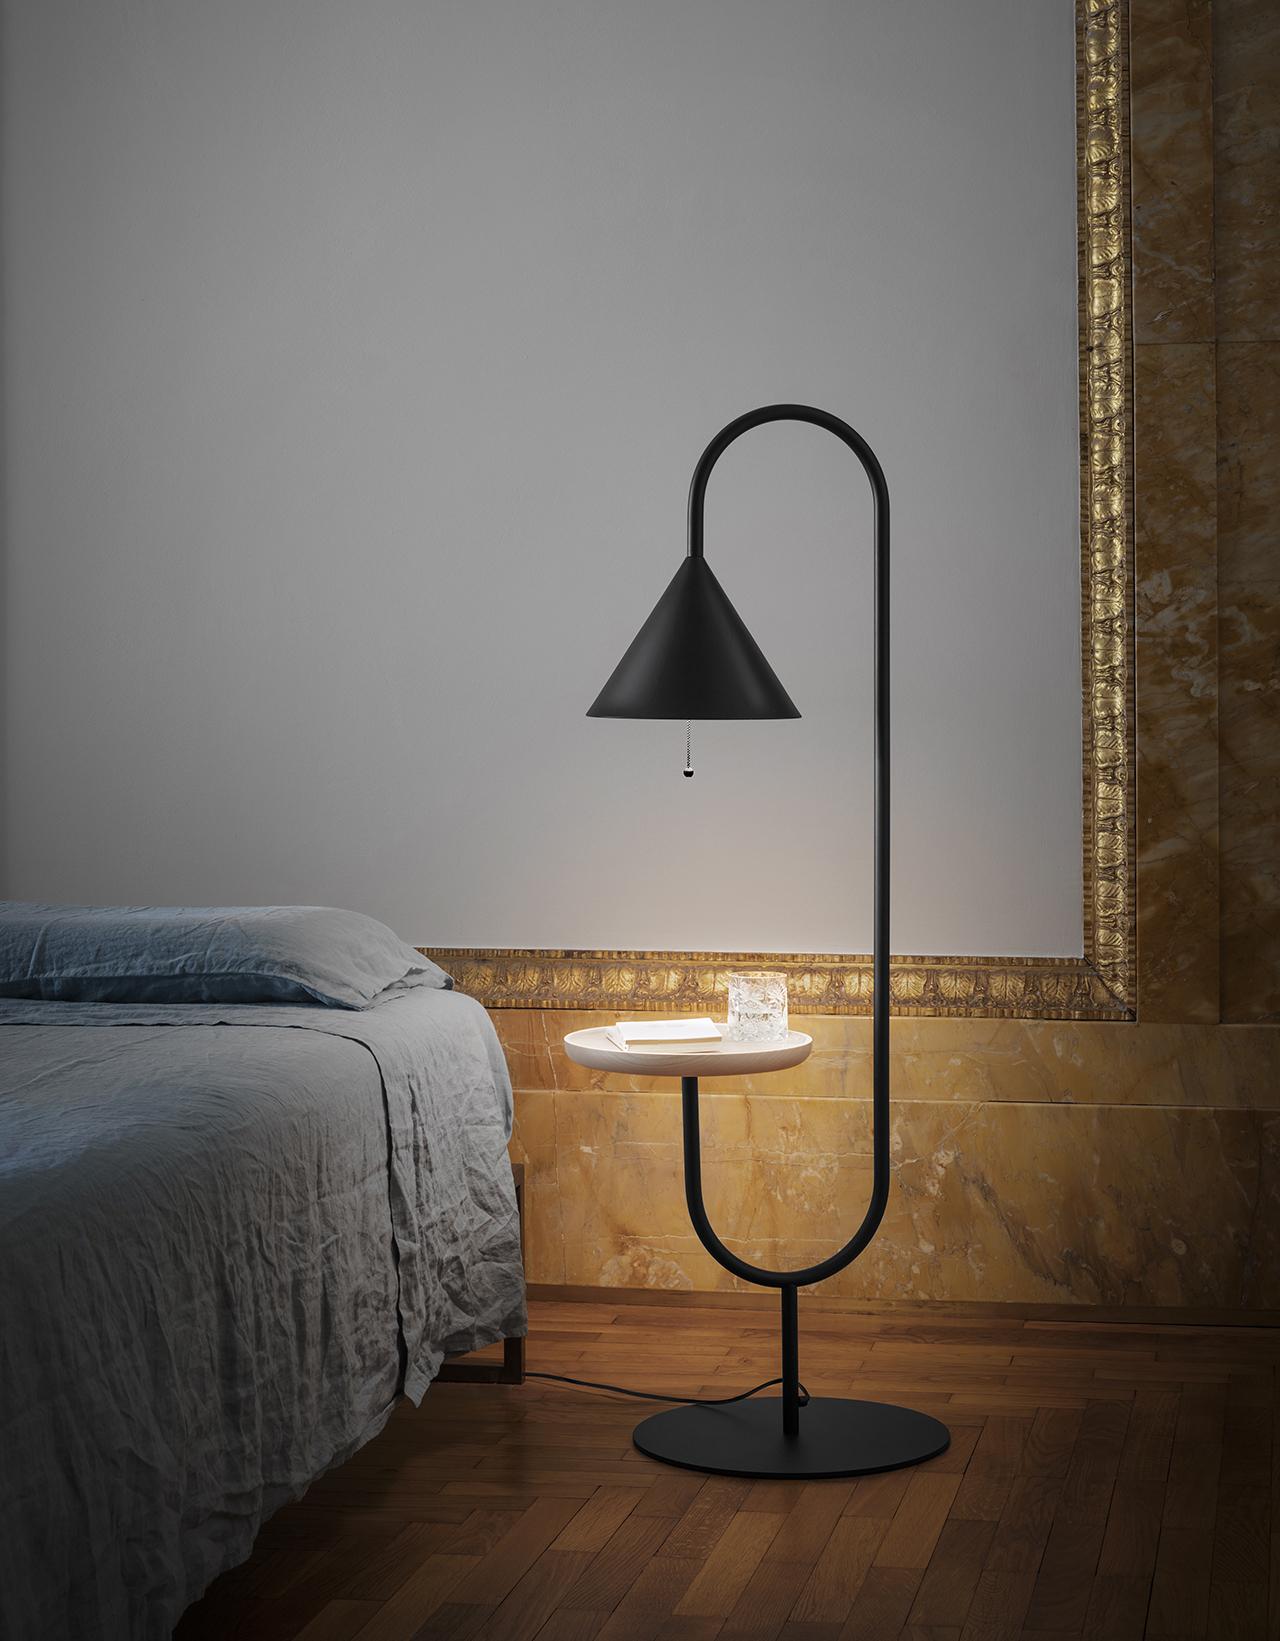 floor lamp in bedroom